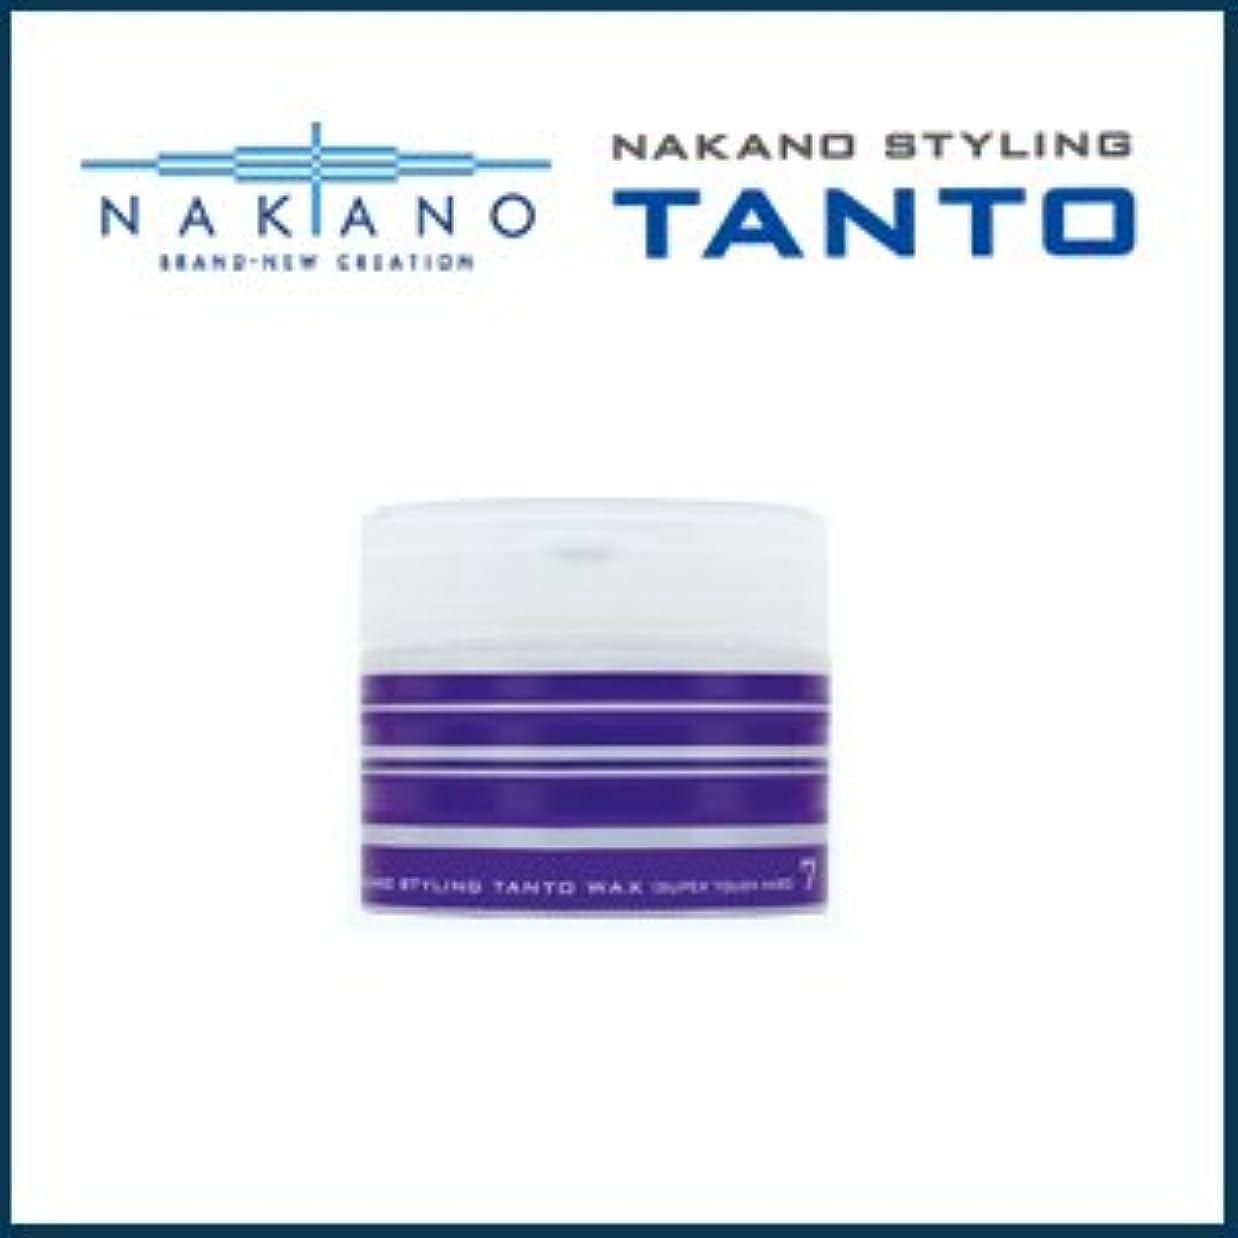 規則性天の睡眠【X4個セット】 ナカノ タント Nワックス 7 スーパータフハード 90g 容器入り